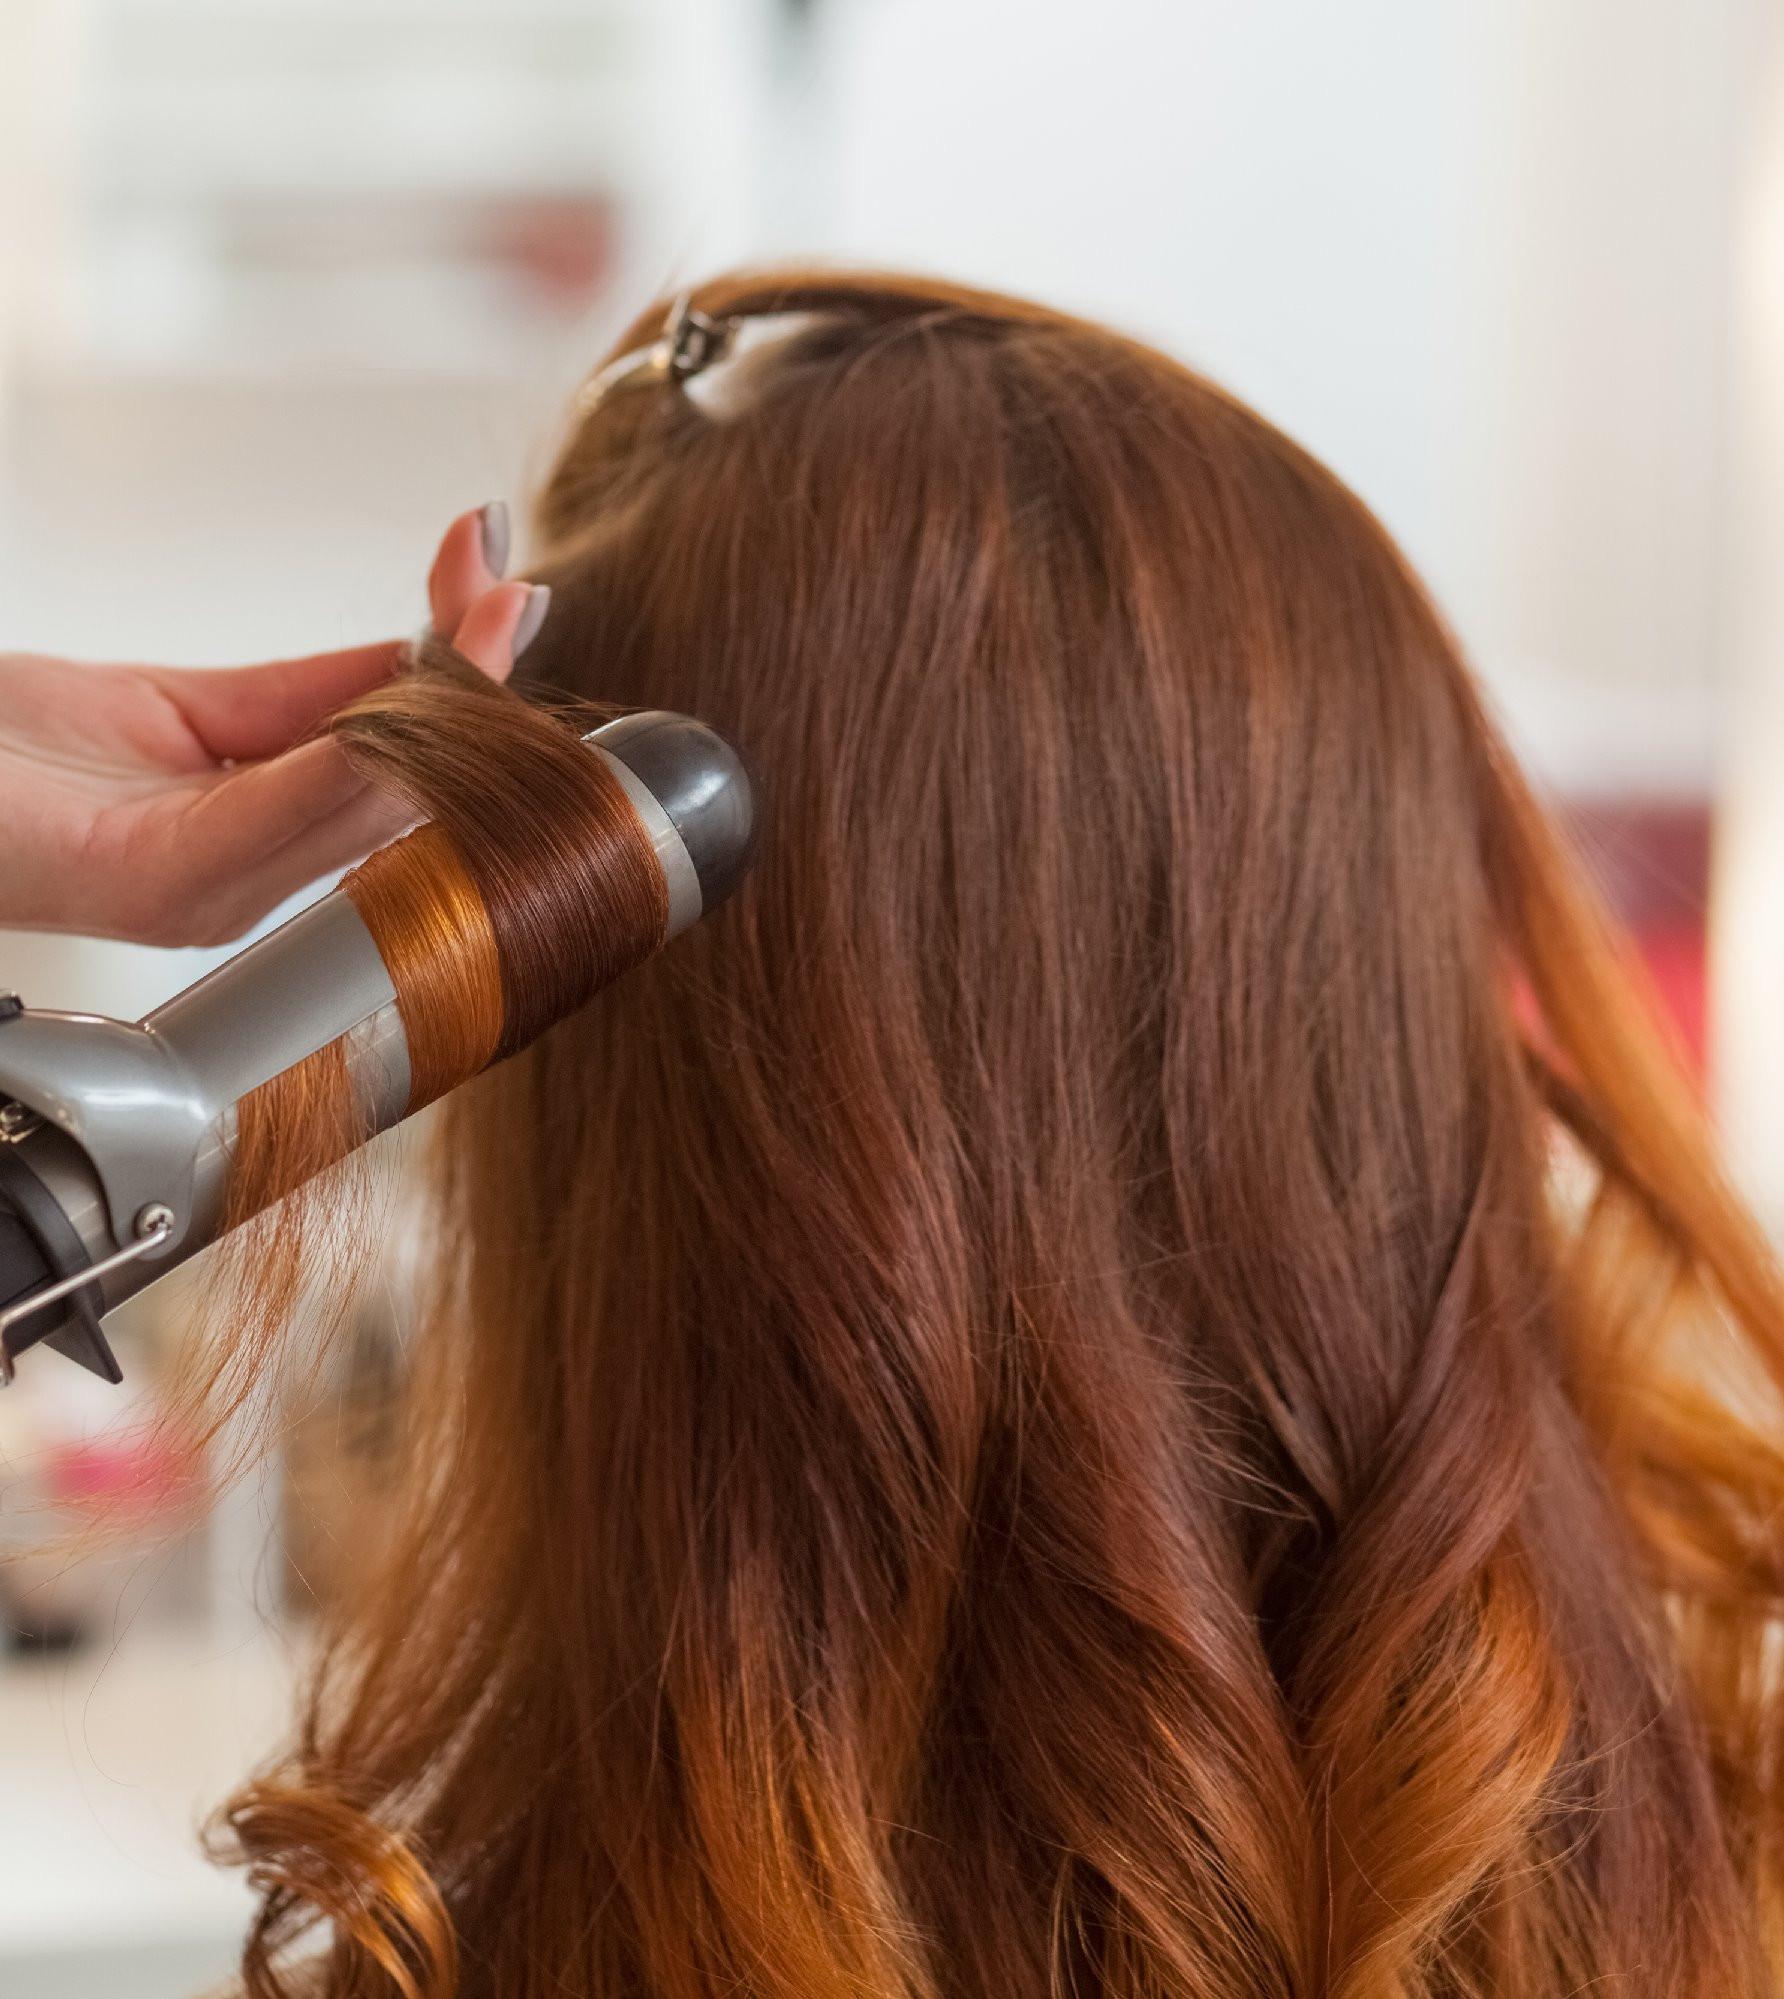 CURLS/WAVES/DRY HAIR